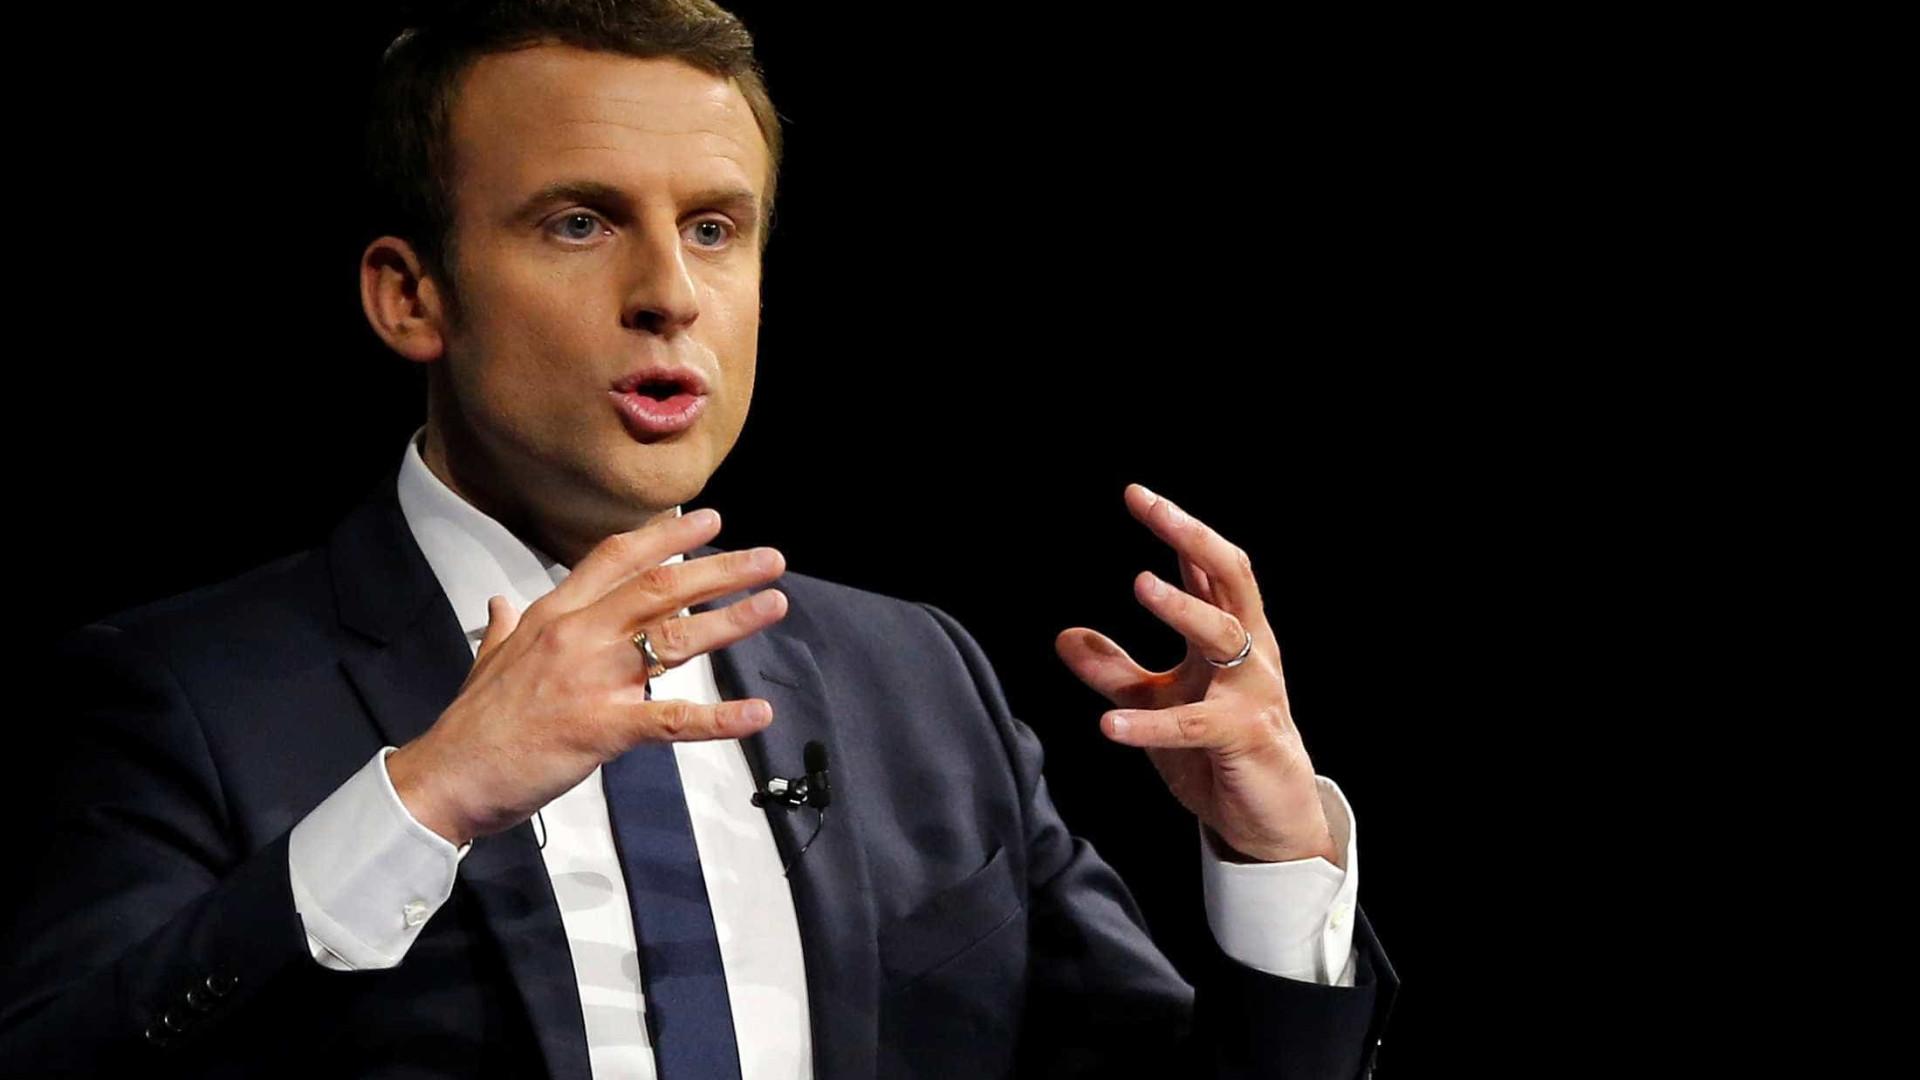 Macron quer ajuda da Alemanha para erradicar extremismo no ocidente